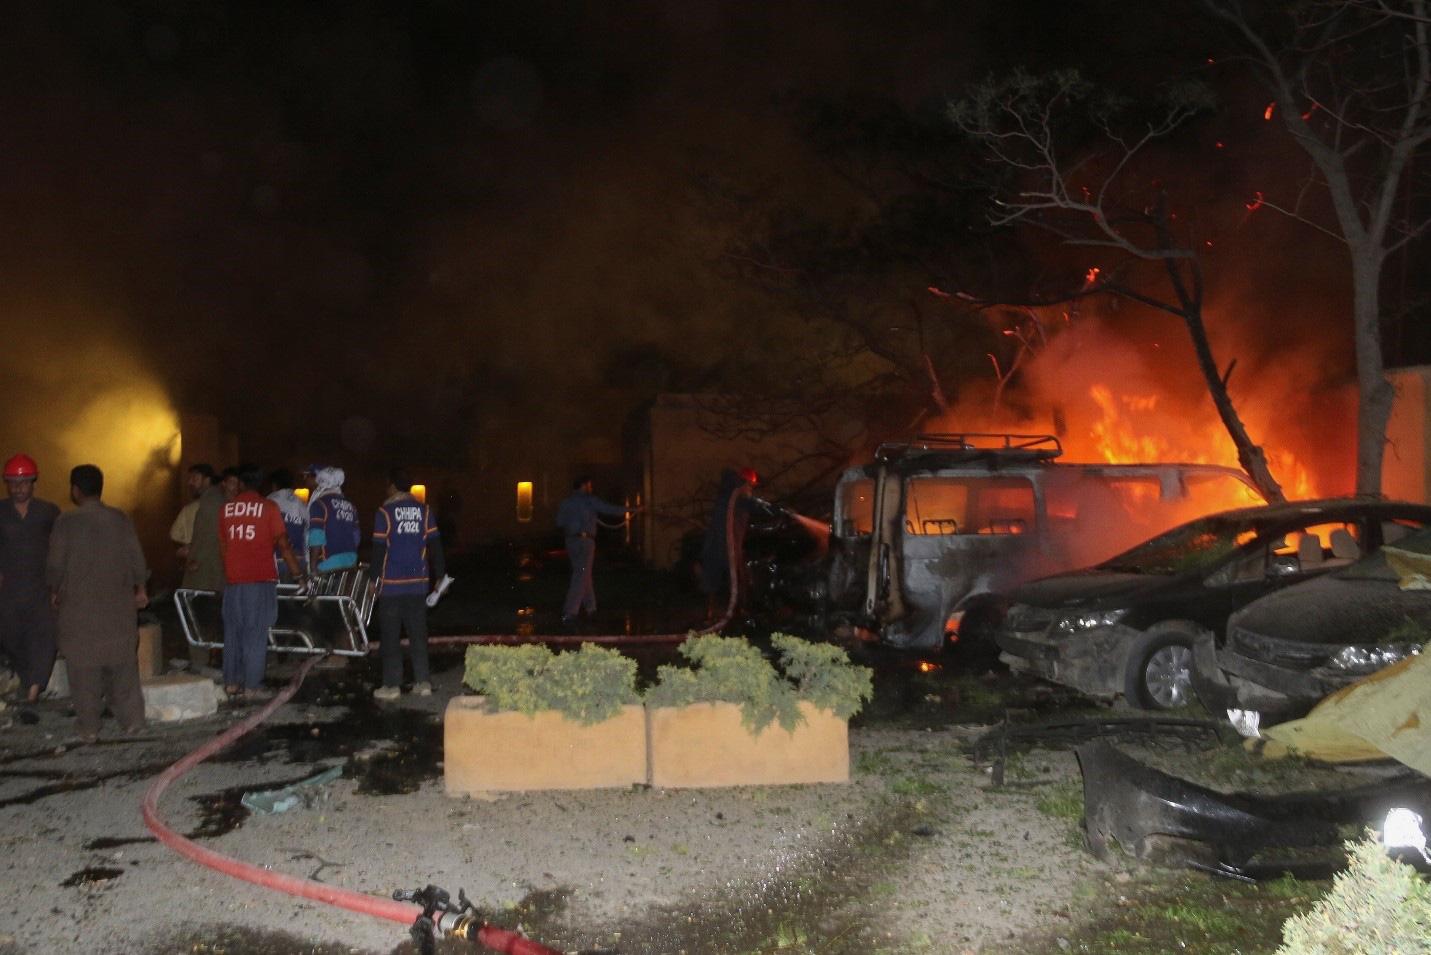 Ô tô chứa bom phát nổ tại một khách sạn phía Tây Pakistan gây nhiều thương vong - Ảnh 2.